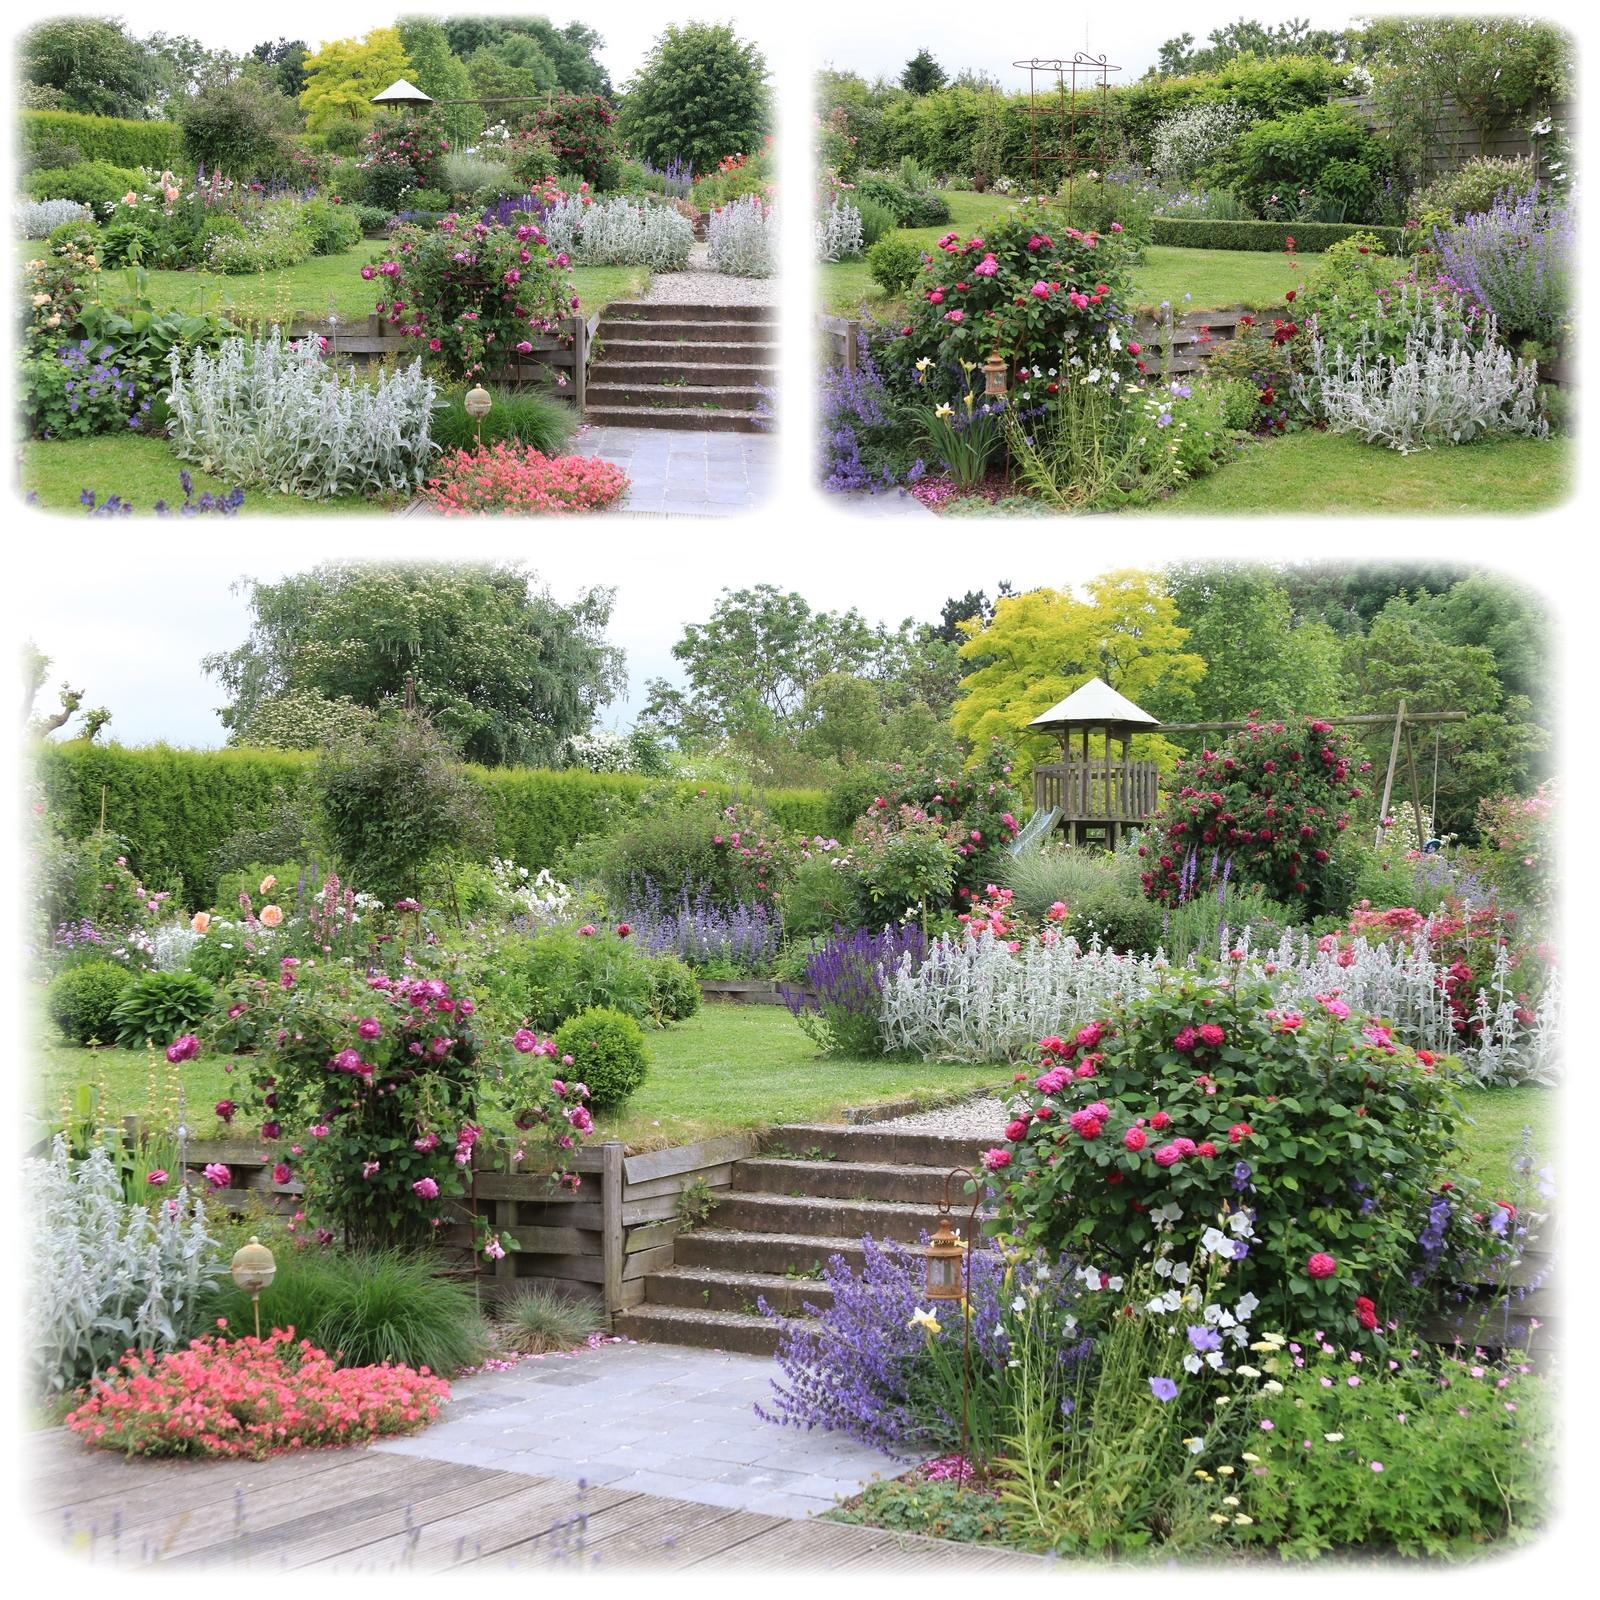 Mon jardin vu par Valou